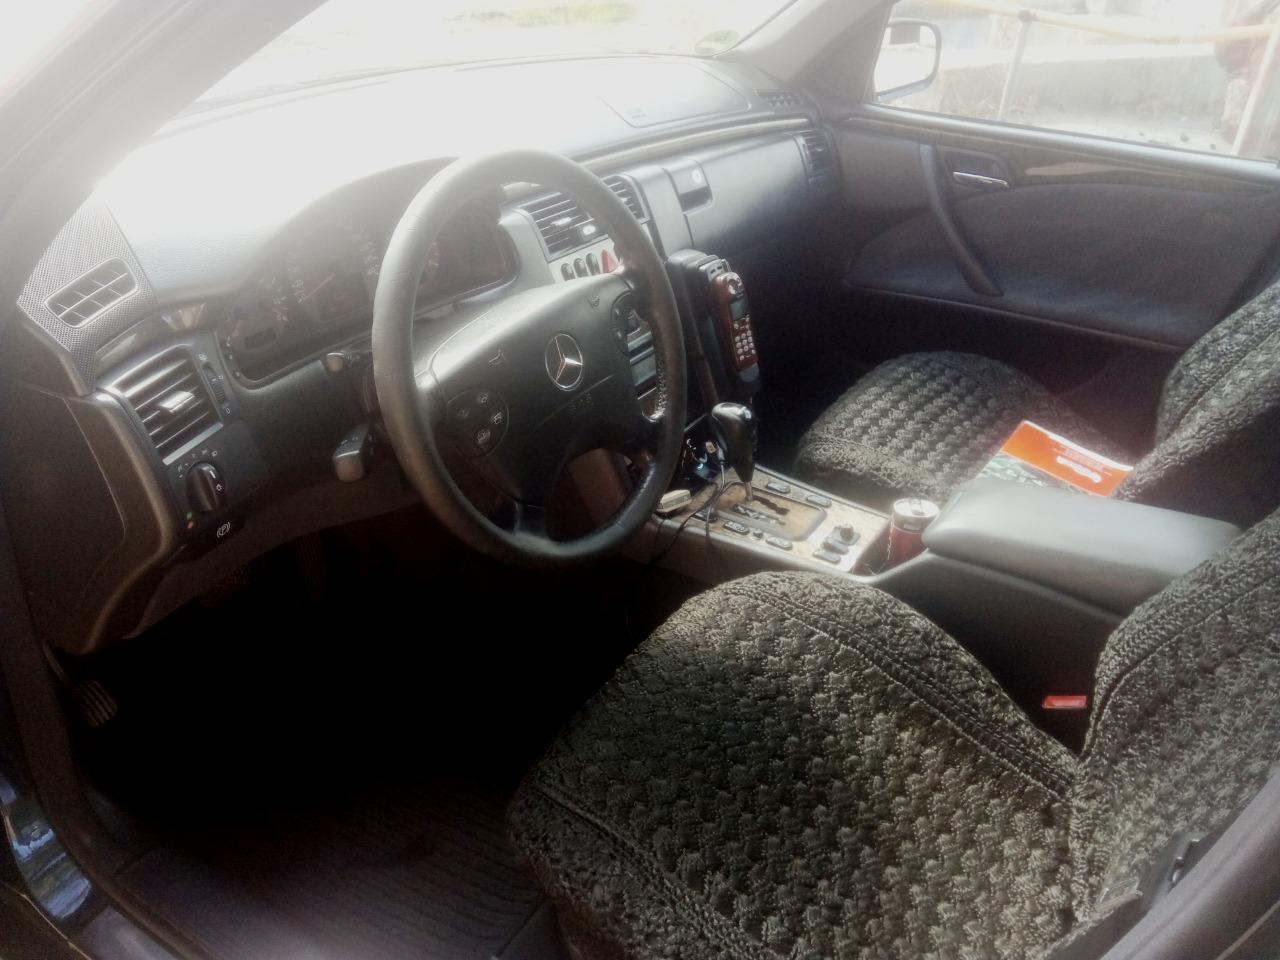 Mercedes-Benz E 200 2.0(lt) 2001 Second hand  $7800